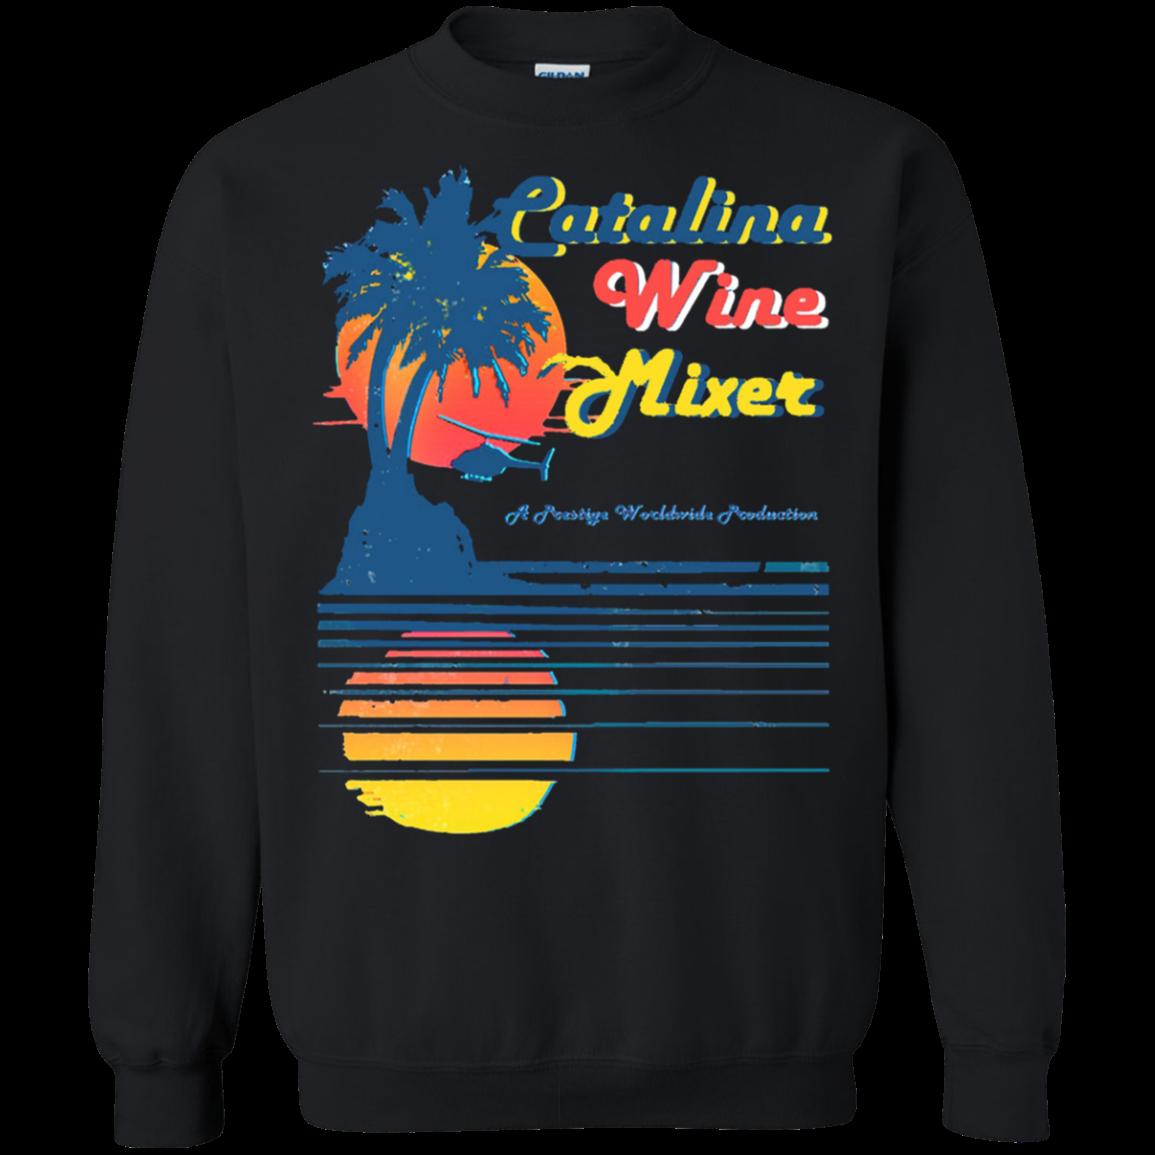 Catalina Wine Mixer Graphic Shirt